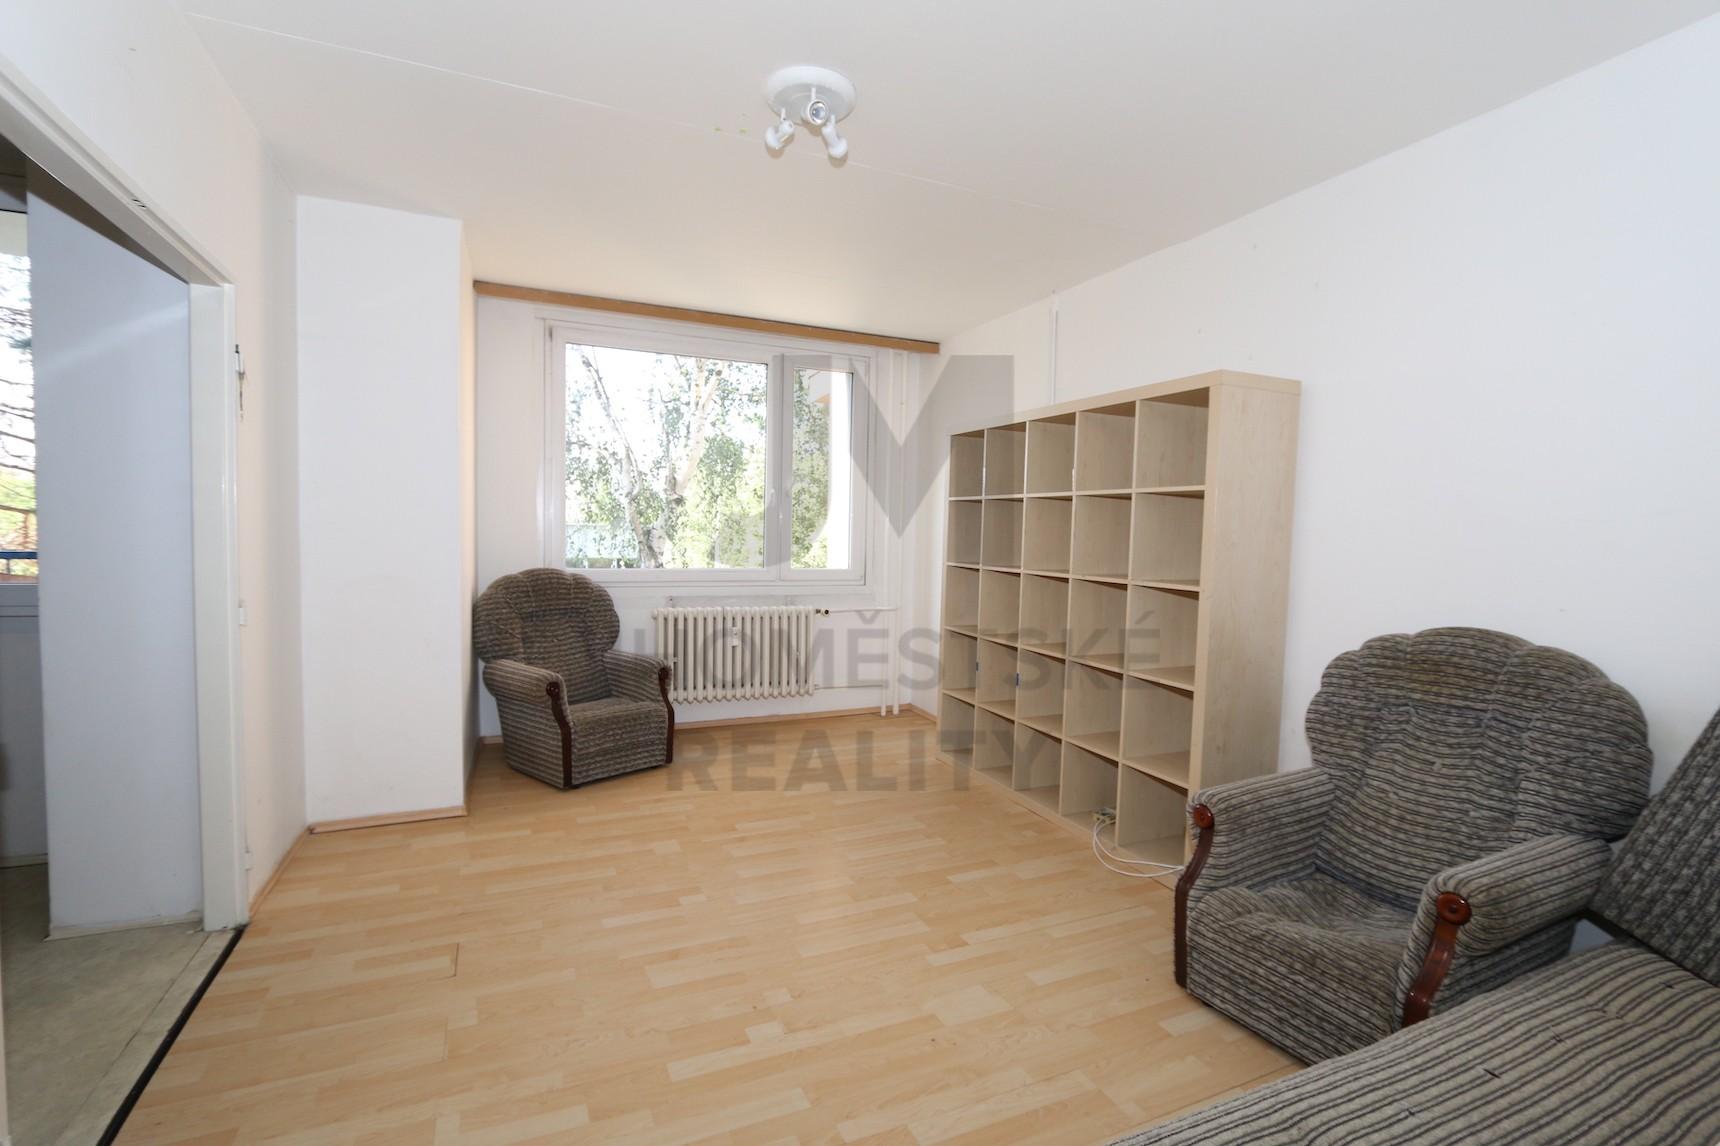 Prodej bytu 1+1 s lodžií, Mnichovická, Praha 4 - Háje